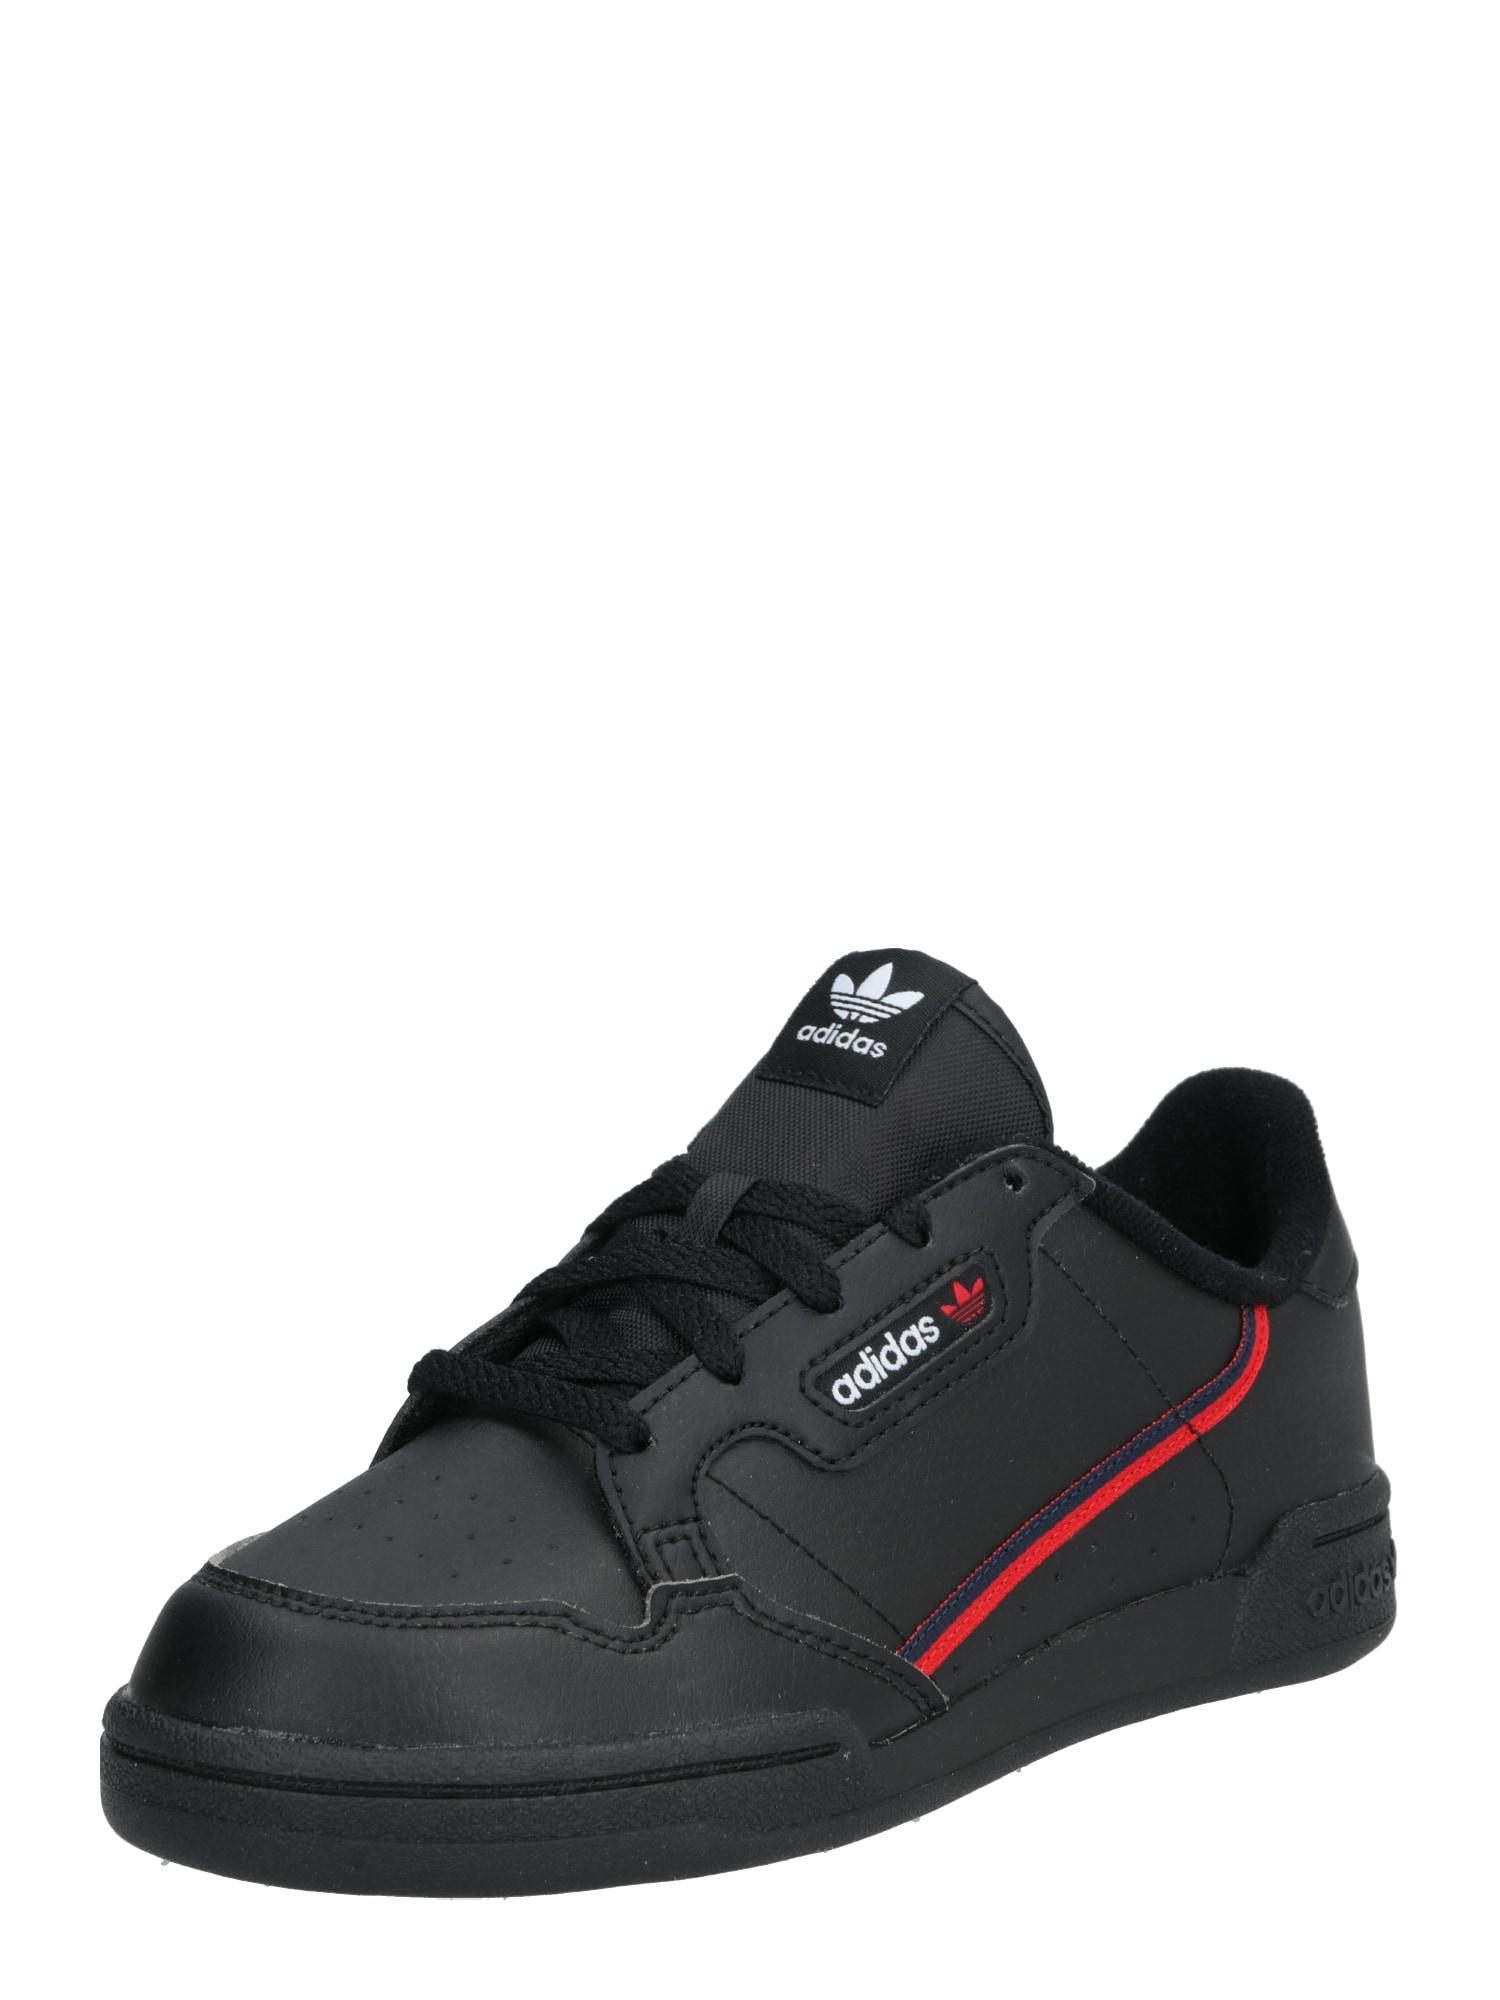 ADIDAS ORIGINALS Sportbačiai 'Continental 80' juoda / raudona